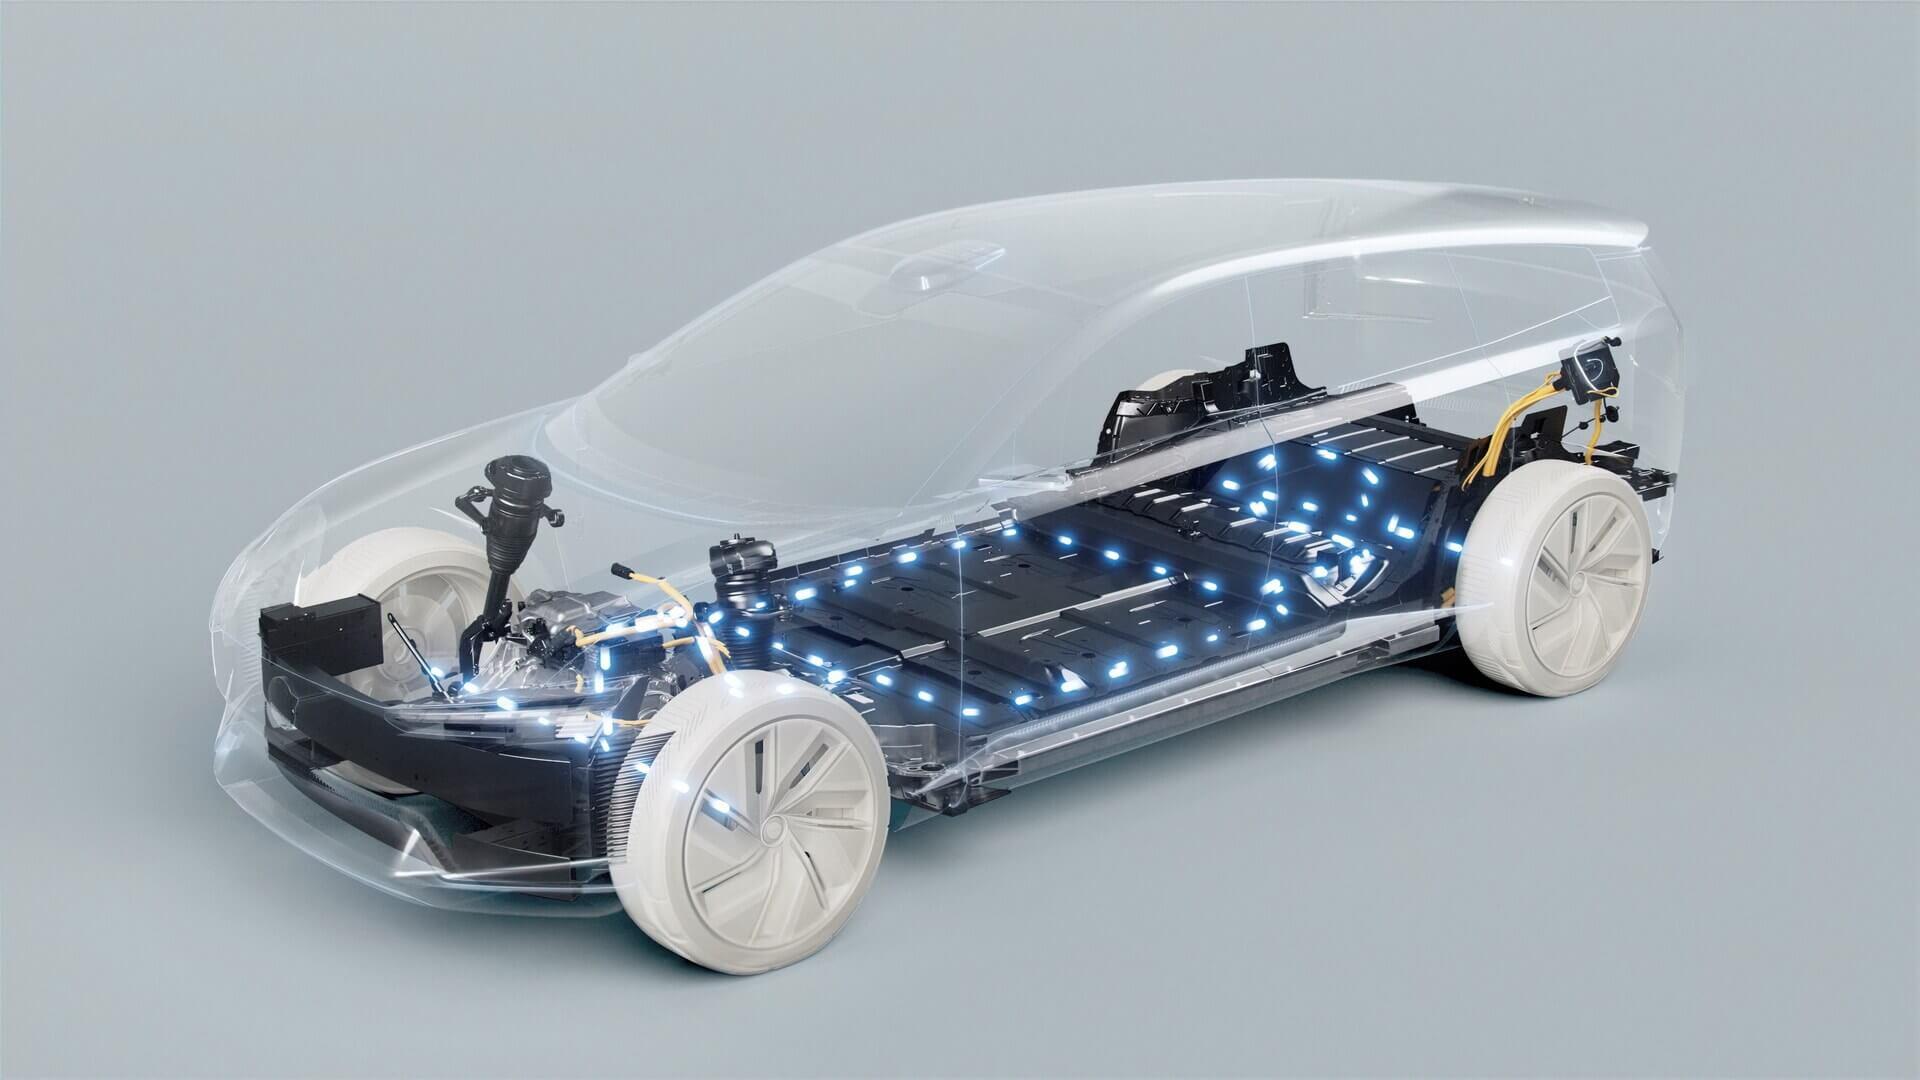 Будущие автомобили Volvo будут работать на новой операционной системе бренда VolvoCars.ОЅ